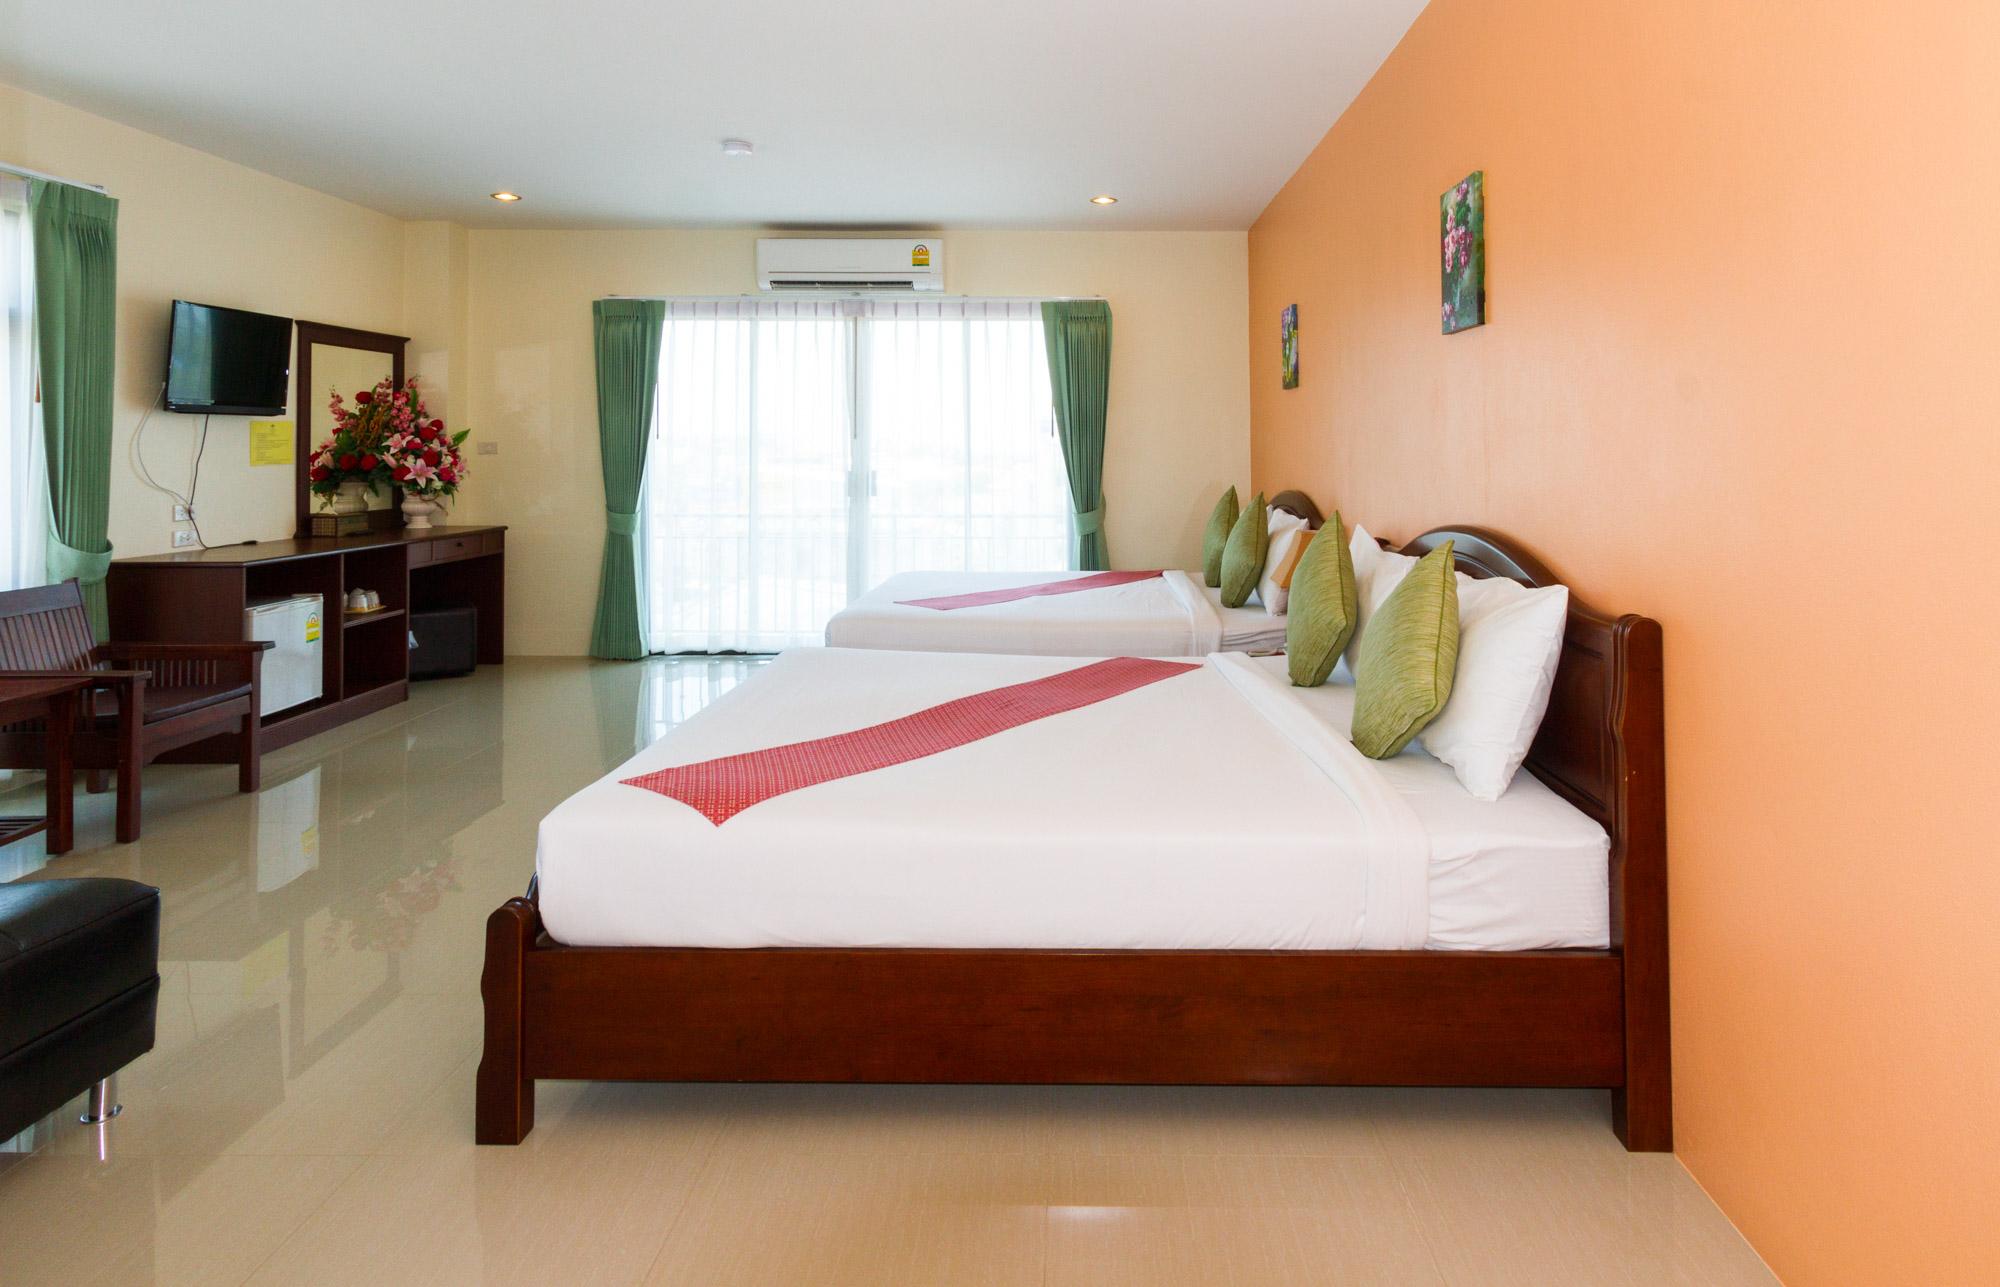 โรงแรมกระบี่เพชรไพลิน เมืองกระบี่  โรงแรมกระบี่เพชรไพลิน โฮเทล (Krabi Phetpailin Hotel) Halal IMG 0133